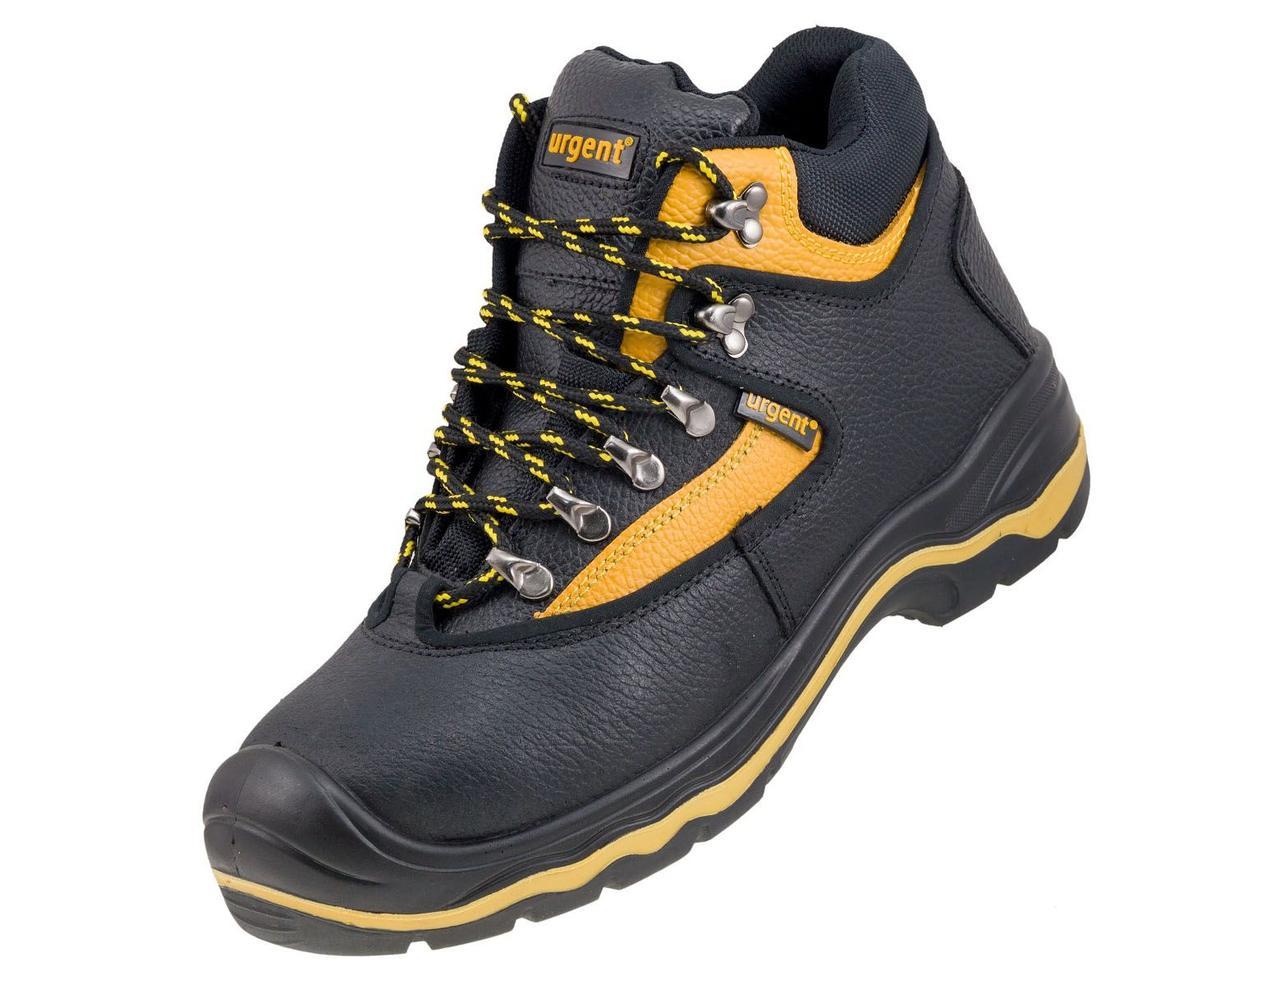 d2aea3747 Рабочие ботинки S1 URGENT 40-47 размер - Интернет-магазин Virgo в Киеве